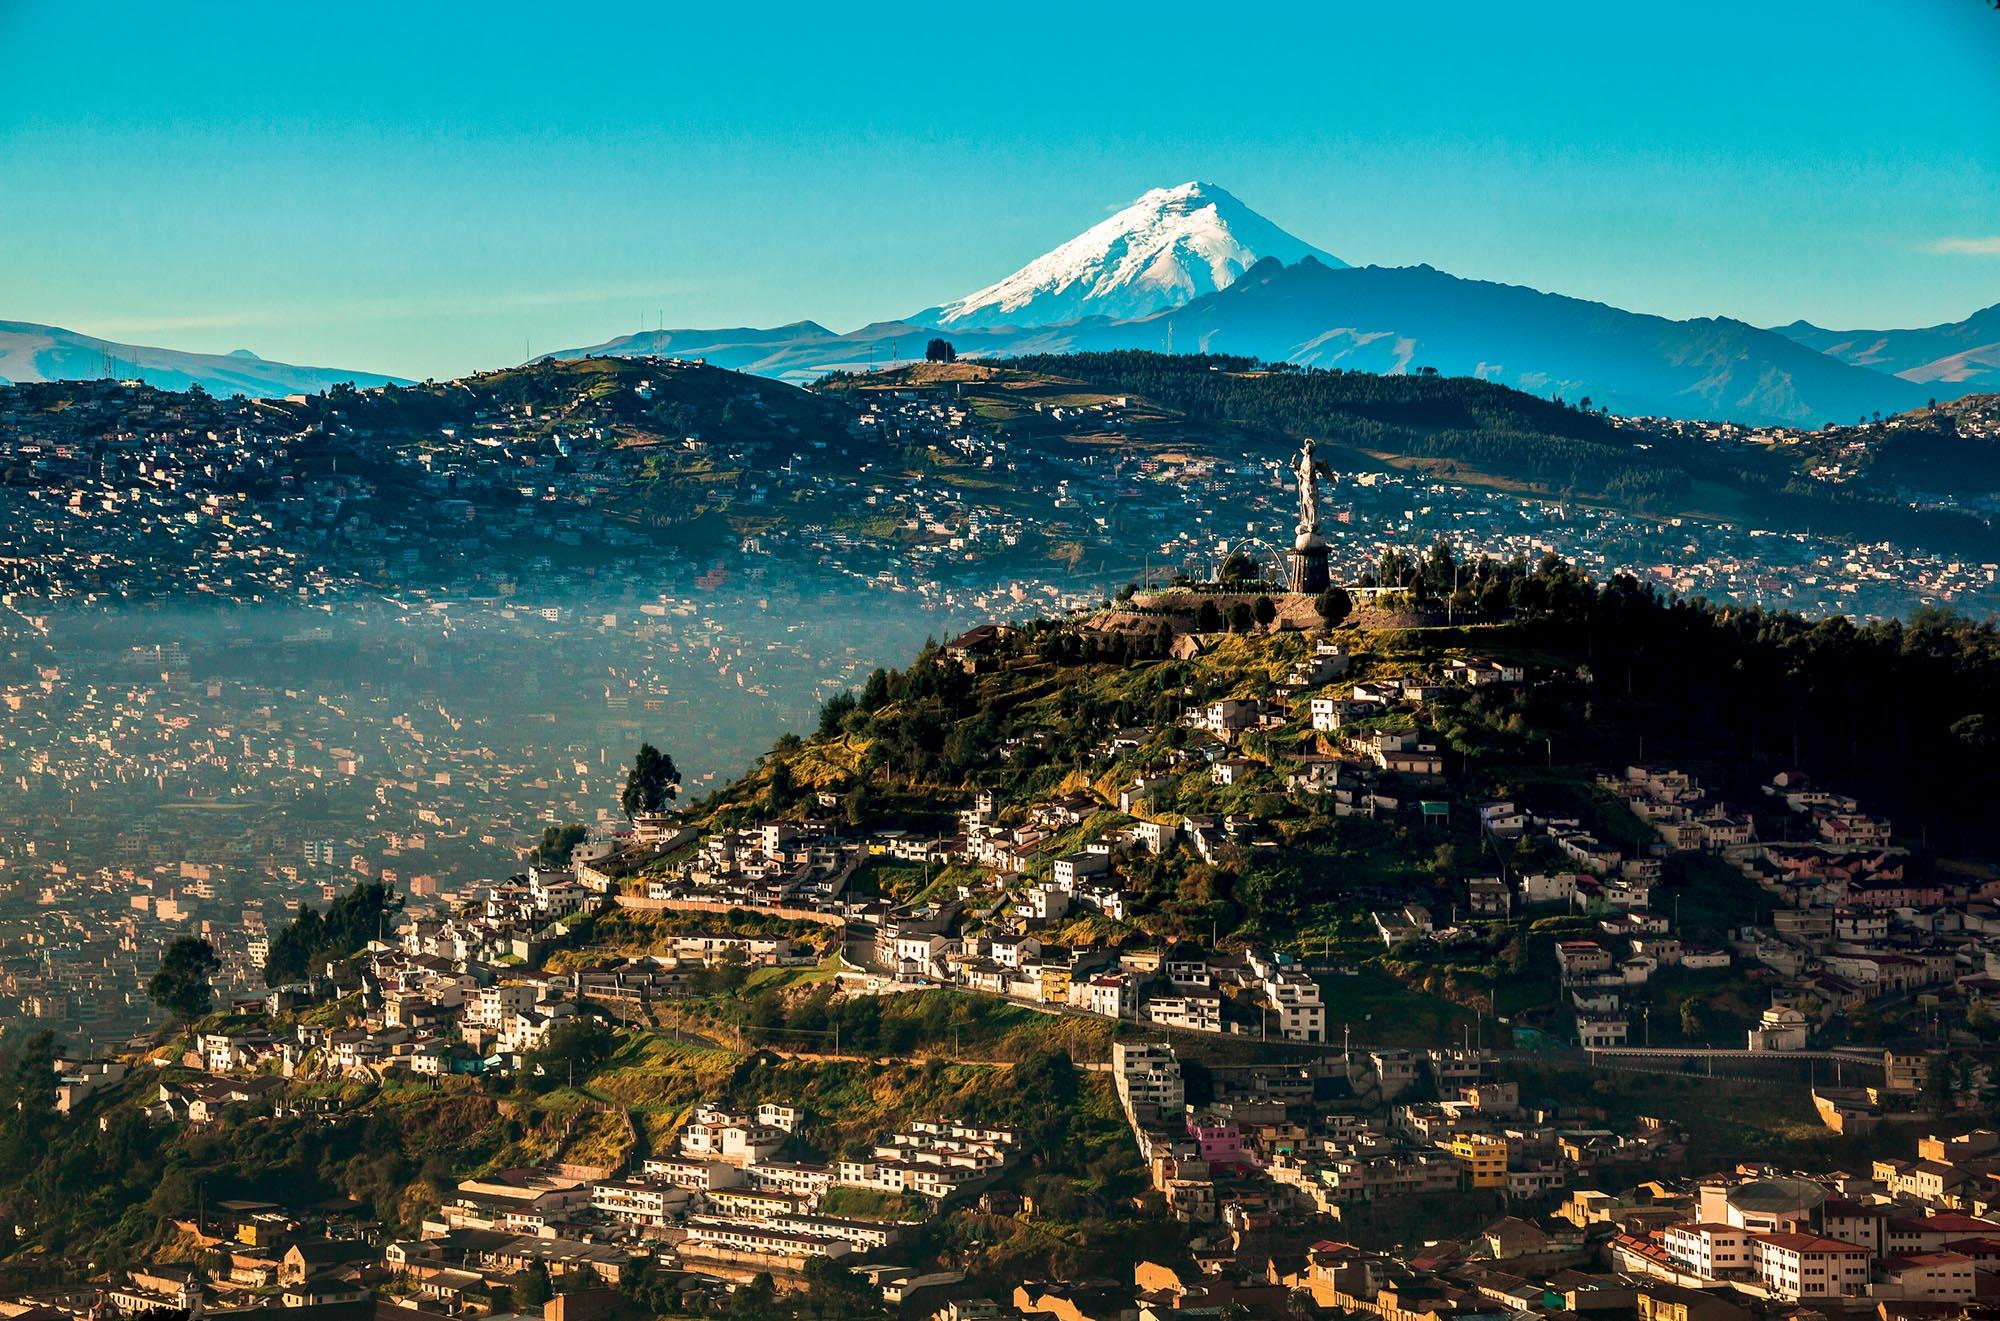 địa điểm địa điểm Cotopaxi ngọn núi lửa cao nhất